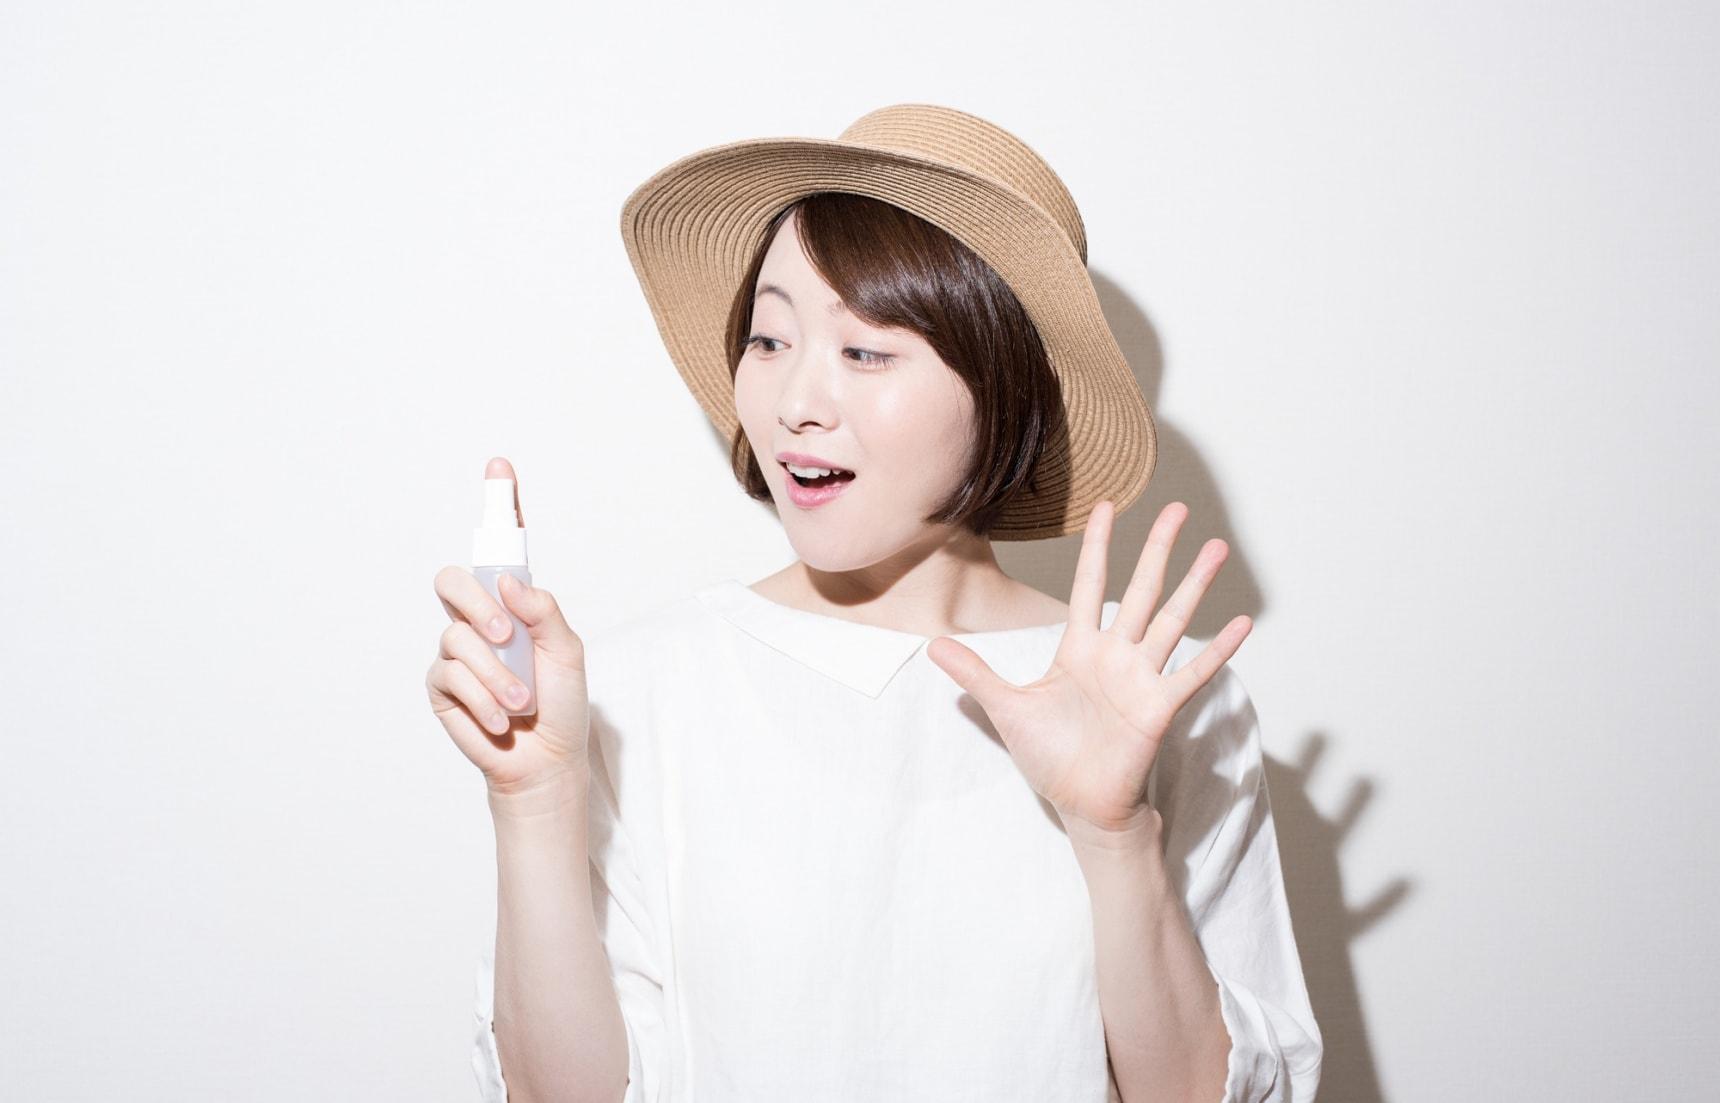 【日本購物】今夏防曬超有力!5款日幣千元有找的防曬乳推薦